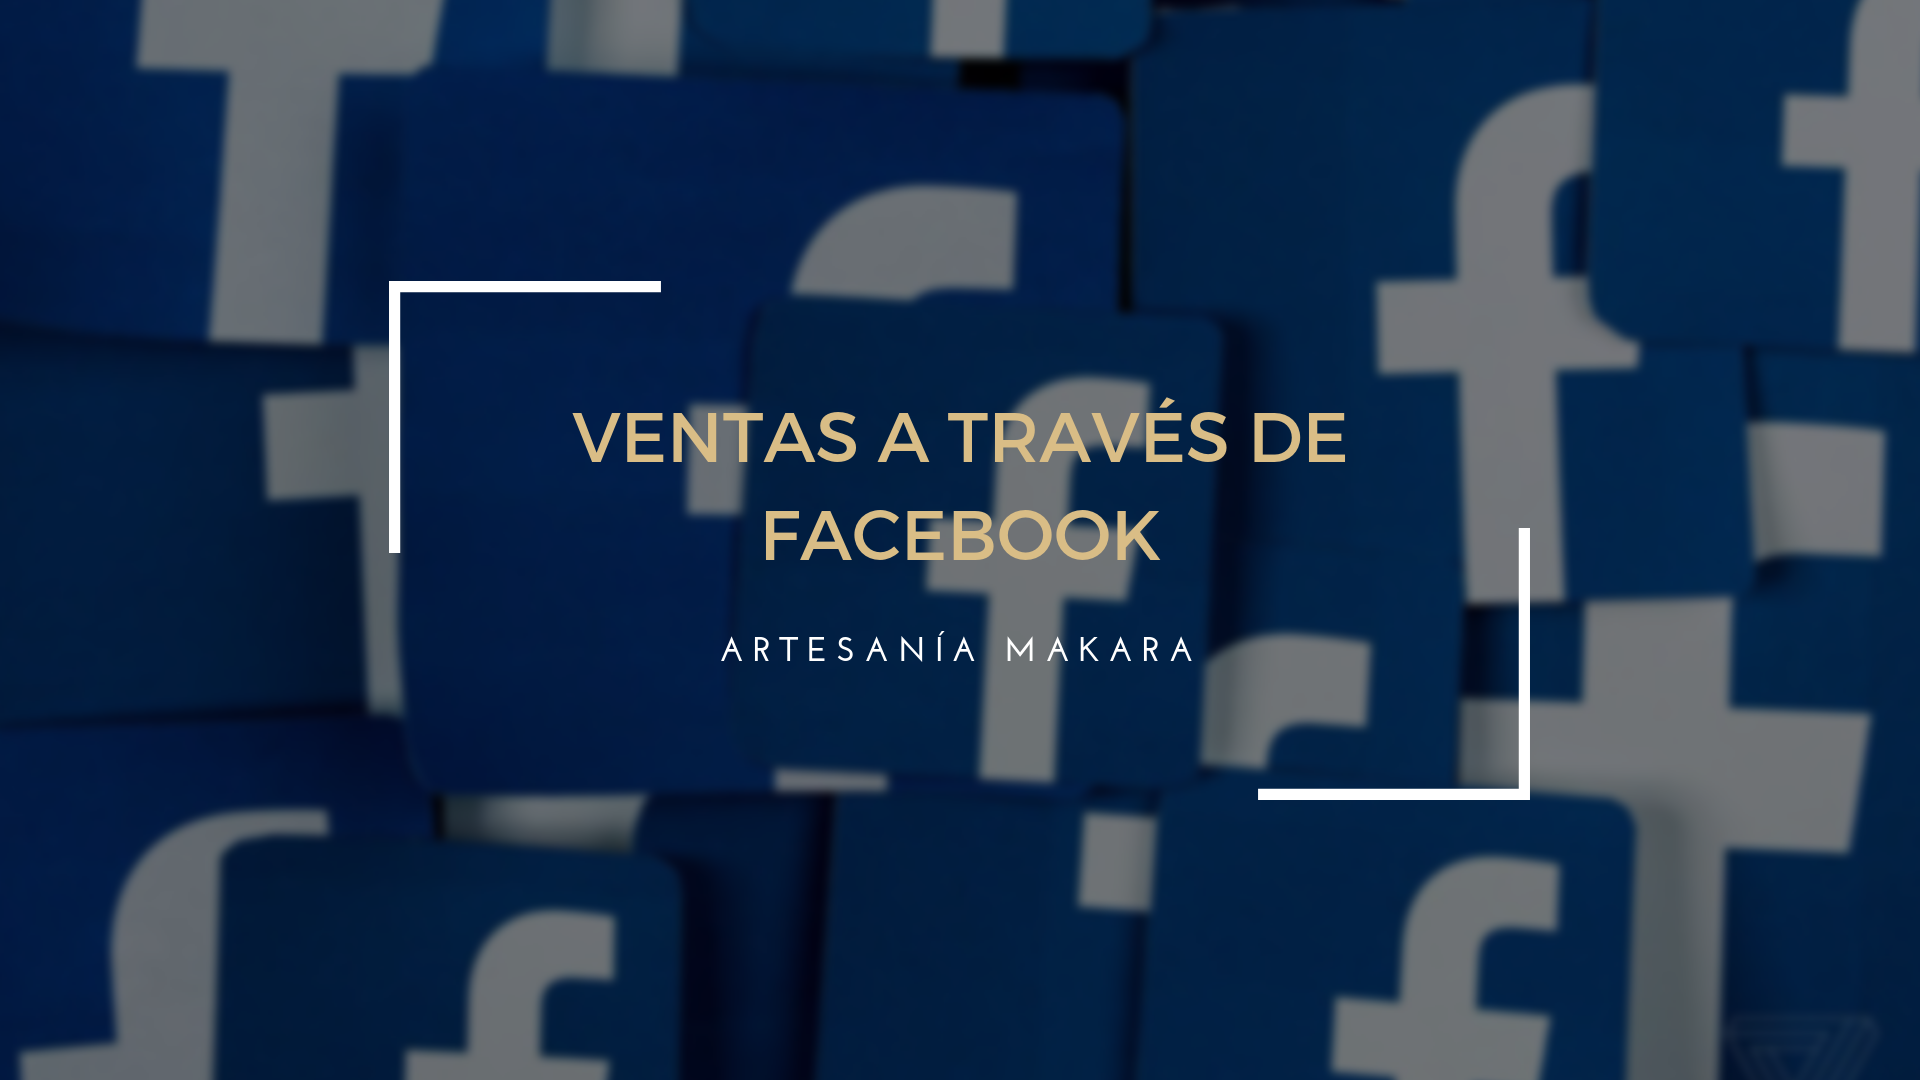 Ventas a través de facebook: Artesanía Makara, un ejemplo de éxito.